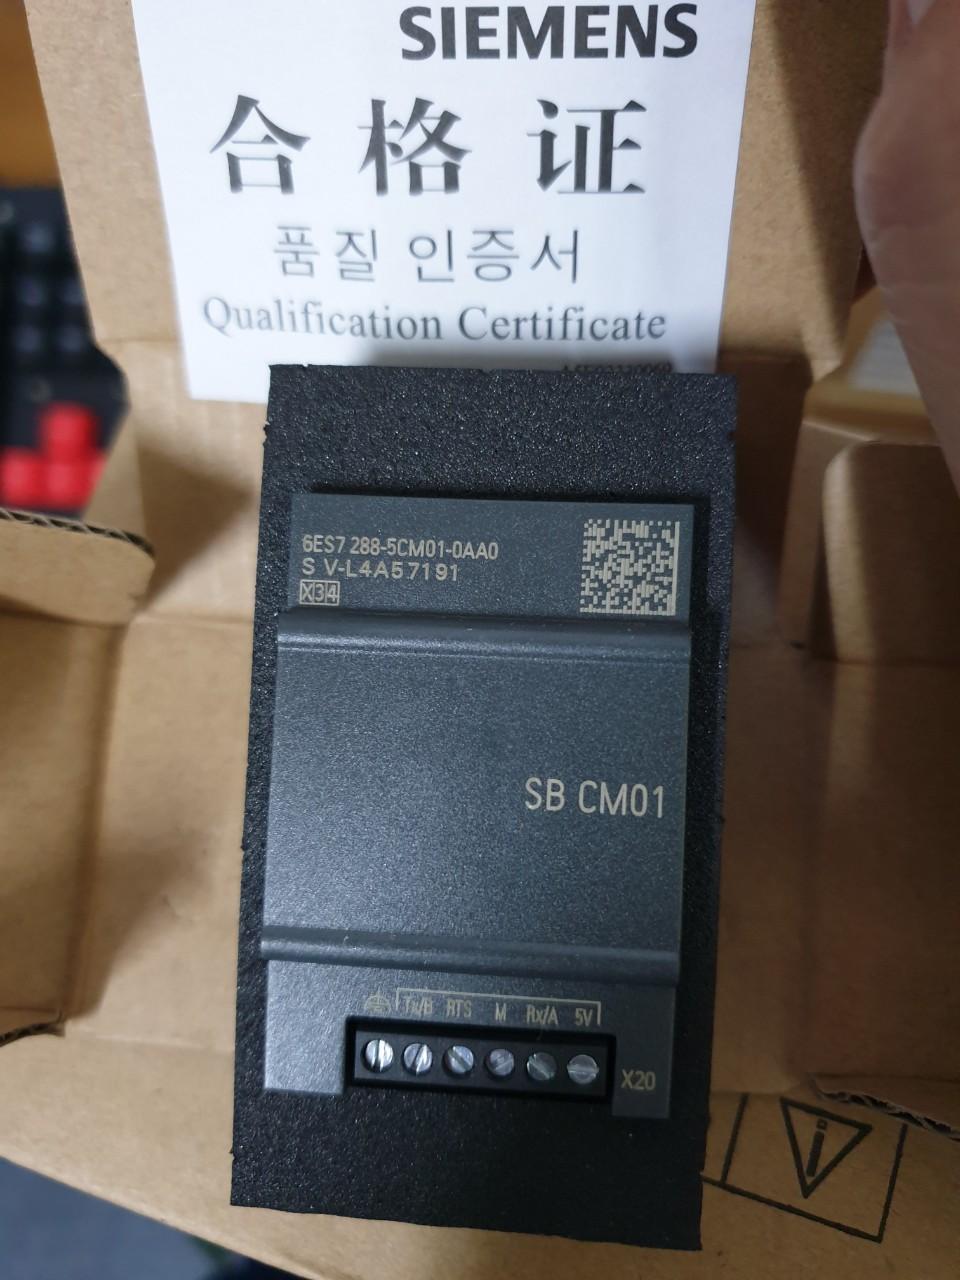 SB CM01 6ES7288-5CM01-0AA0